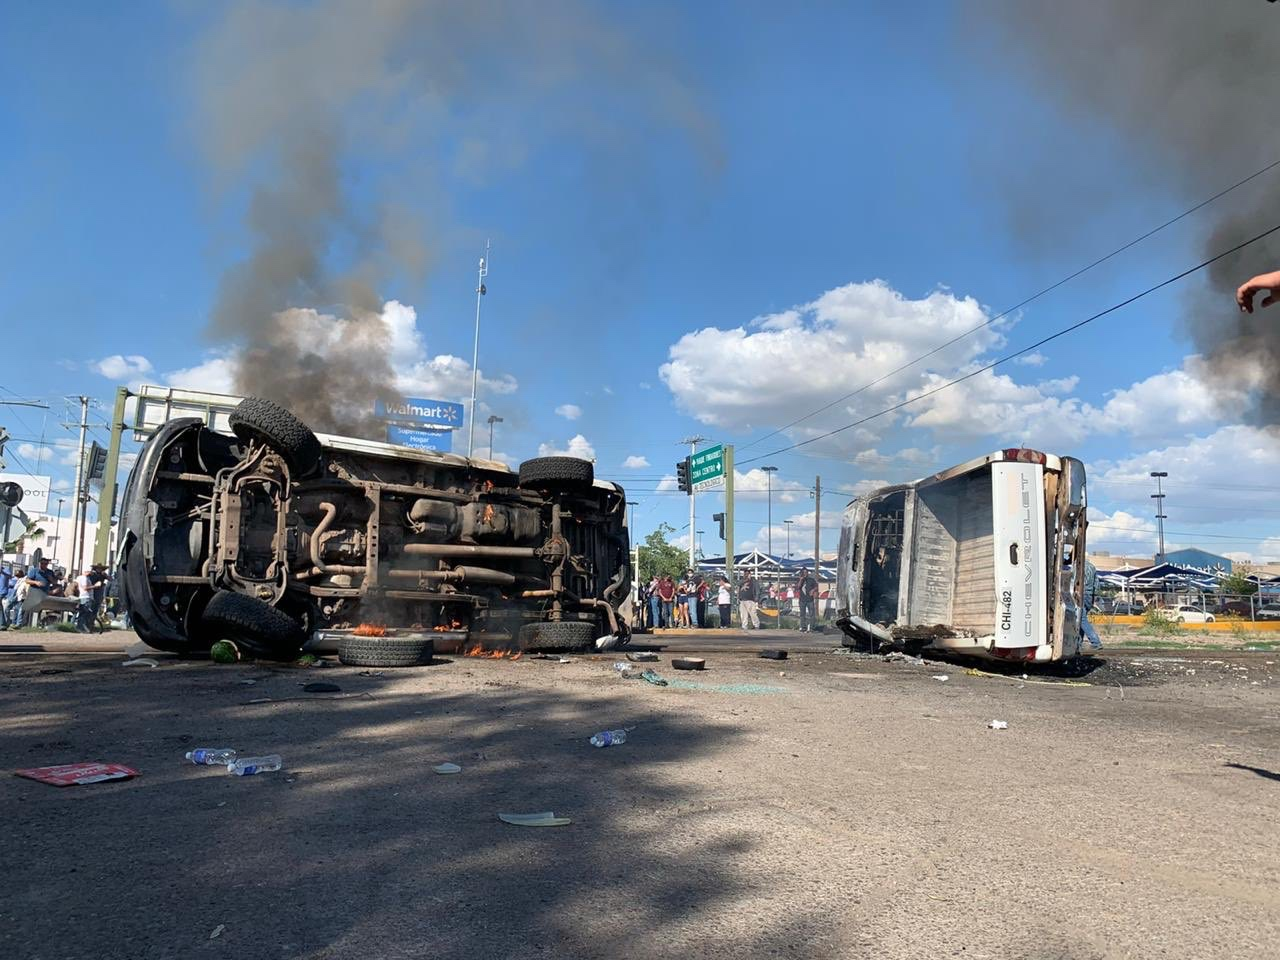 Violentas protestas en Chihuahua por el envío de agua a Estados Unidos